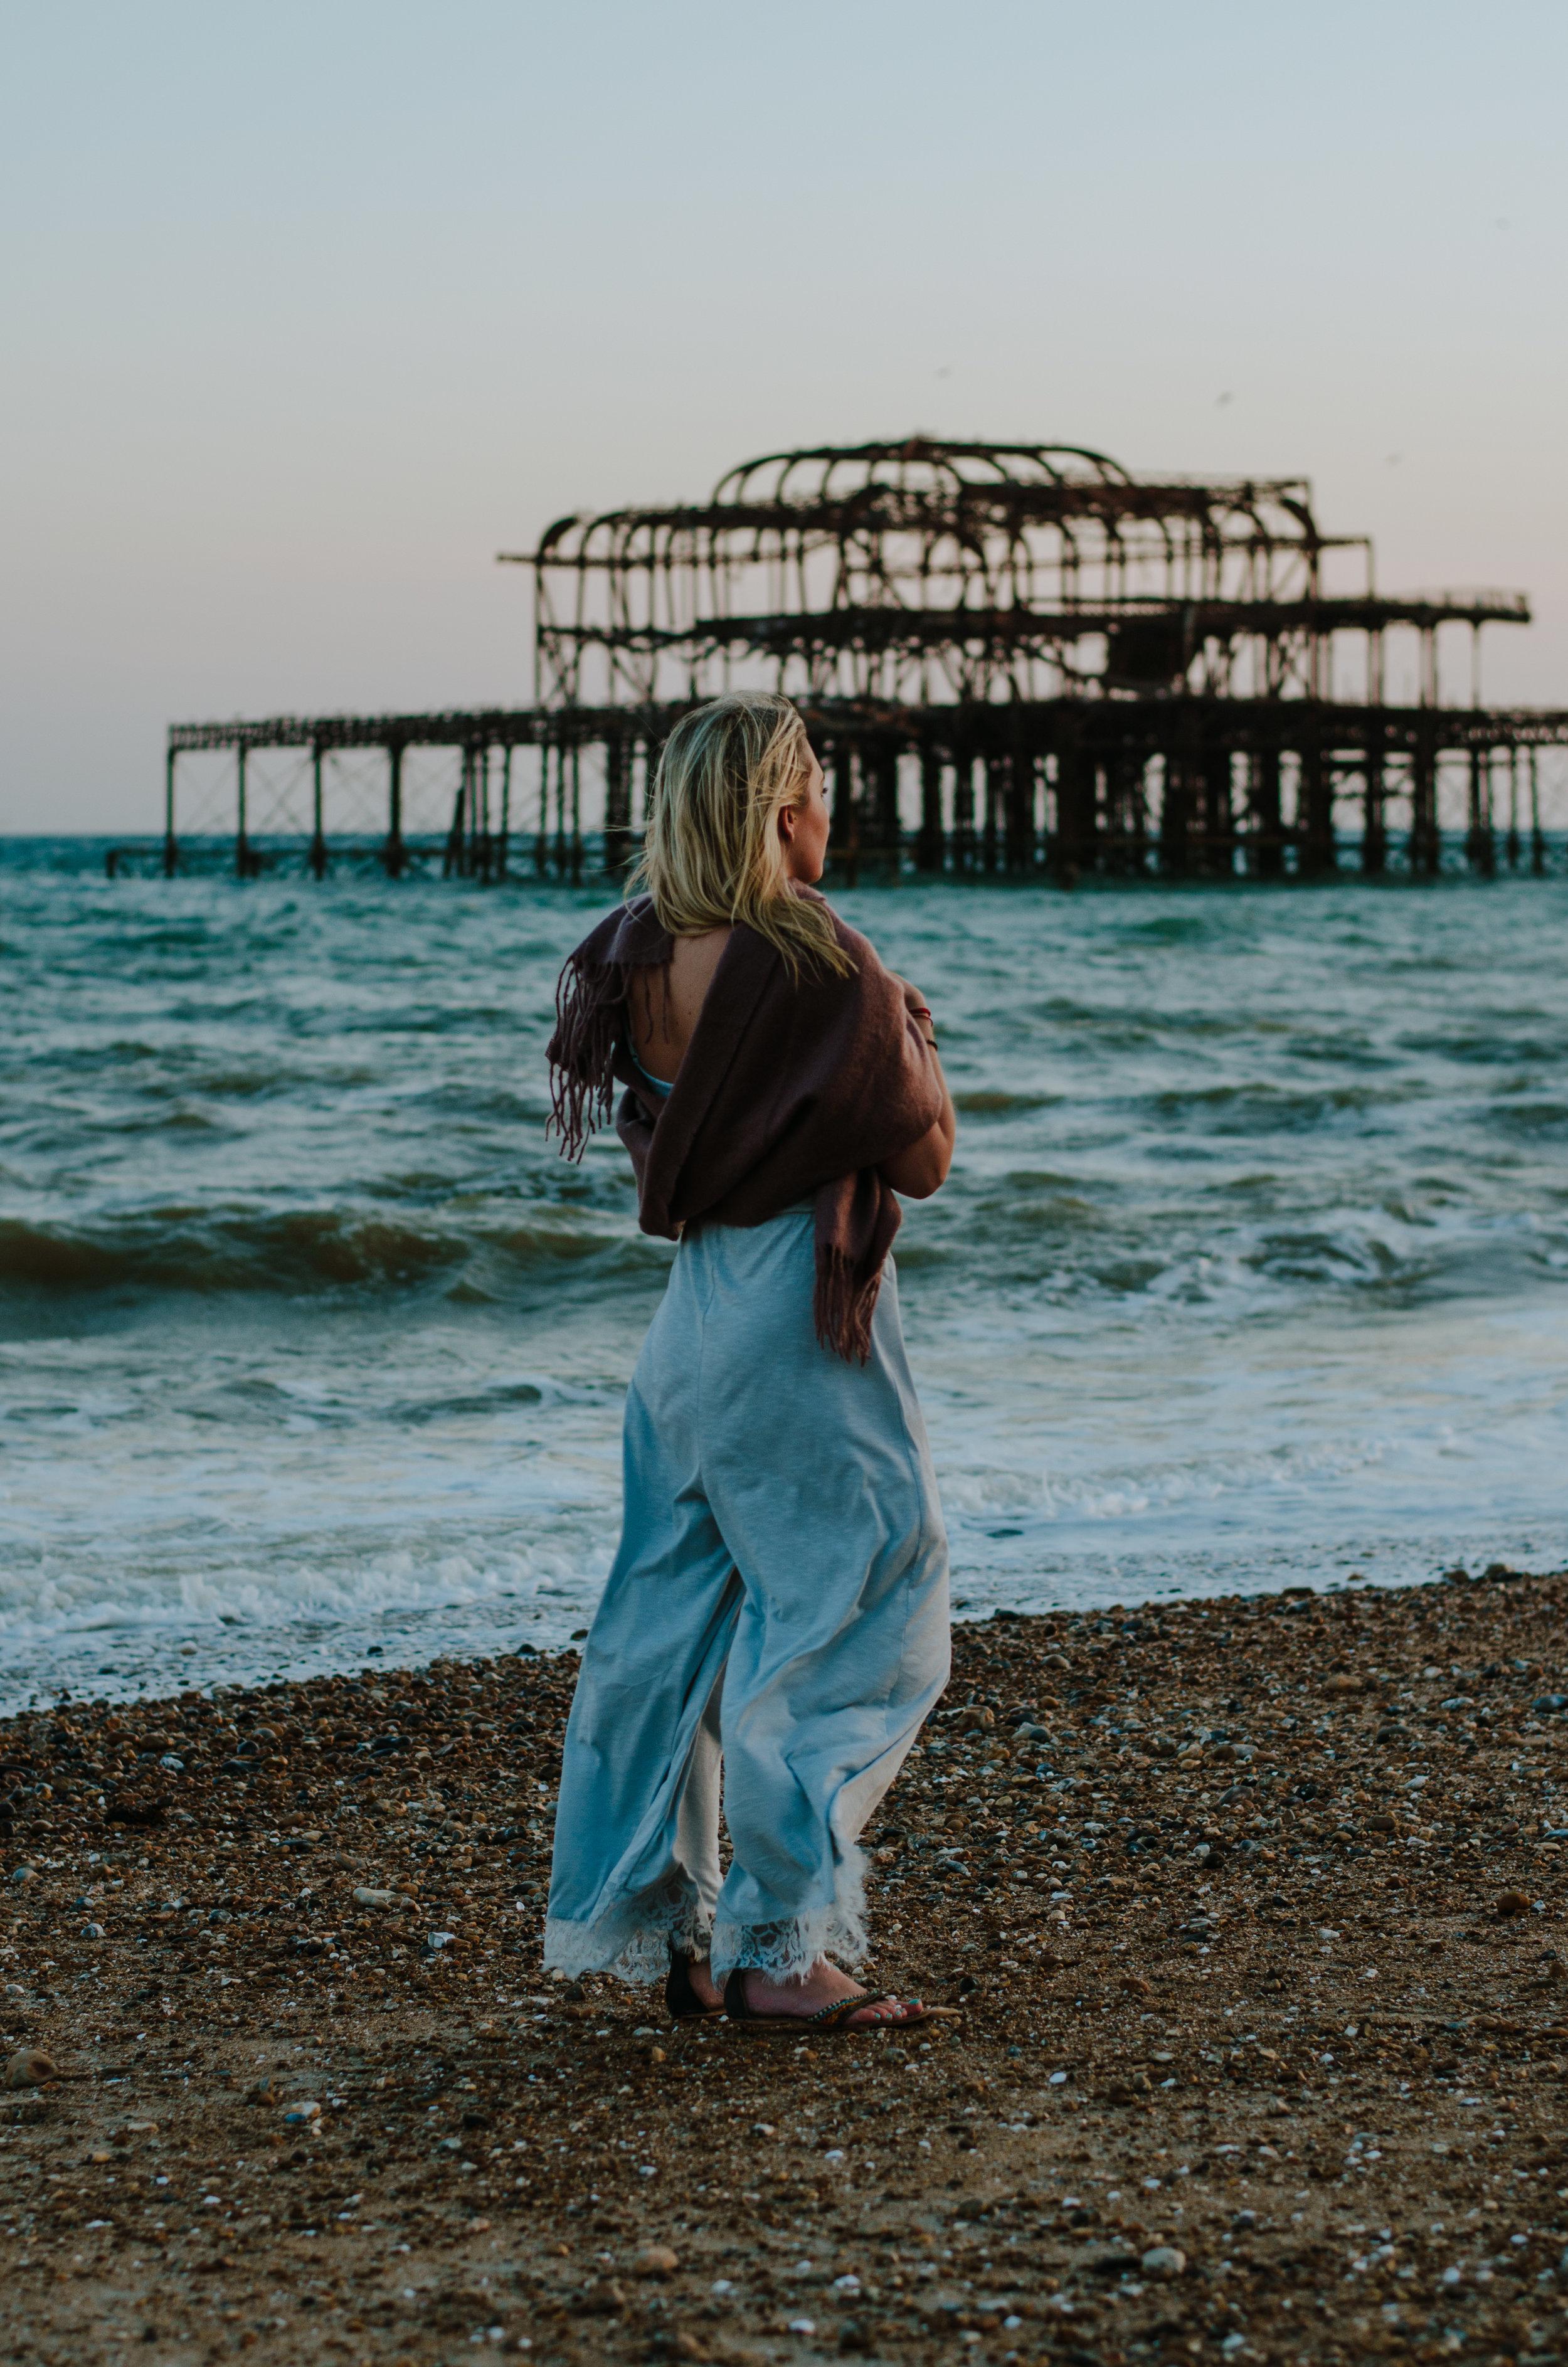 Hannah Portraits by the Sea - Aiste Saulyte Photography-30.jpg